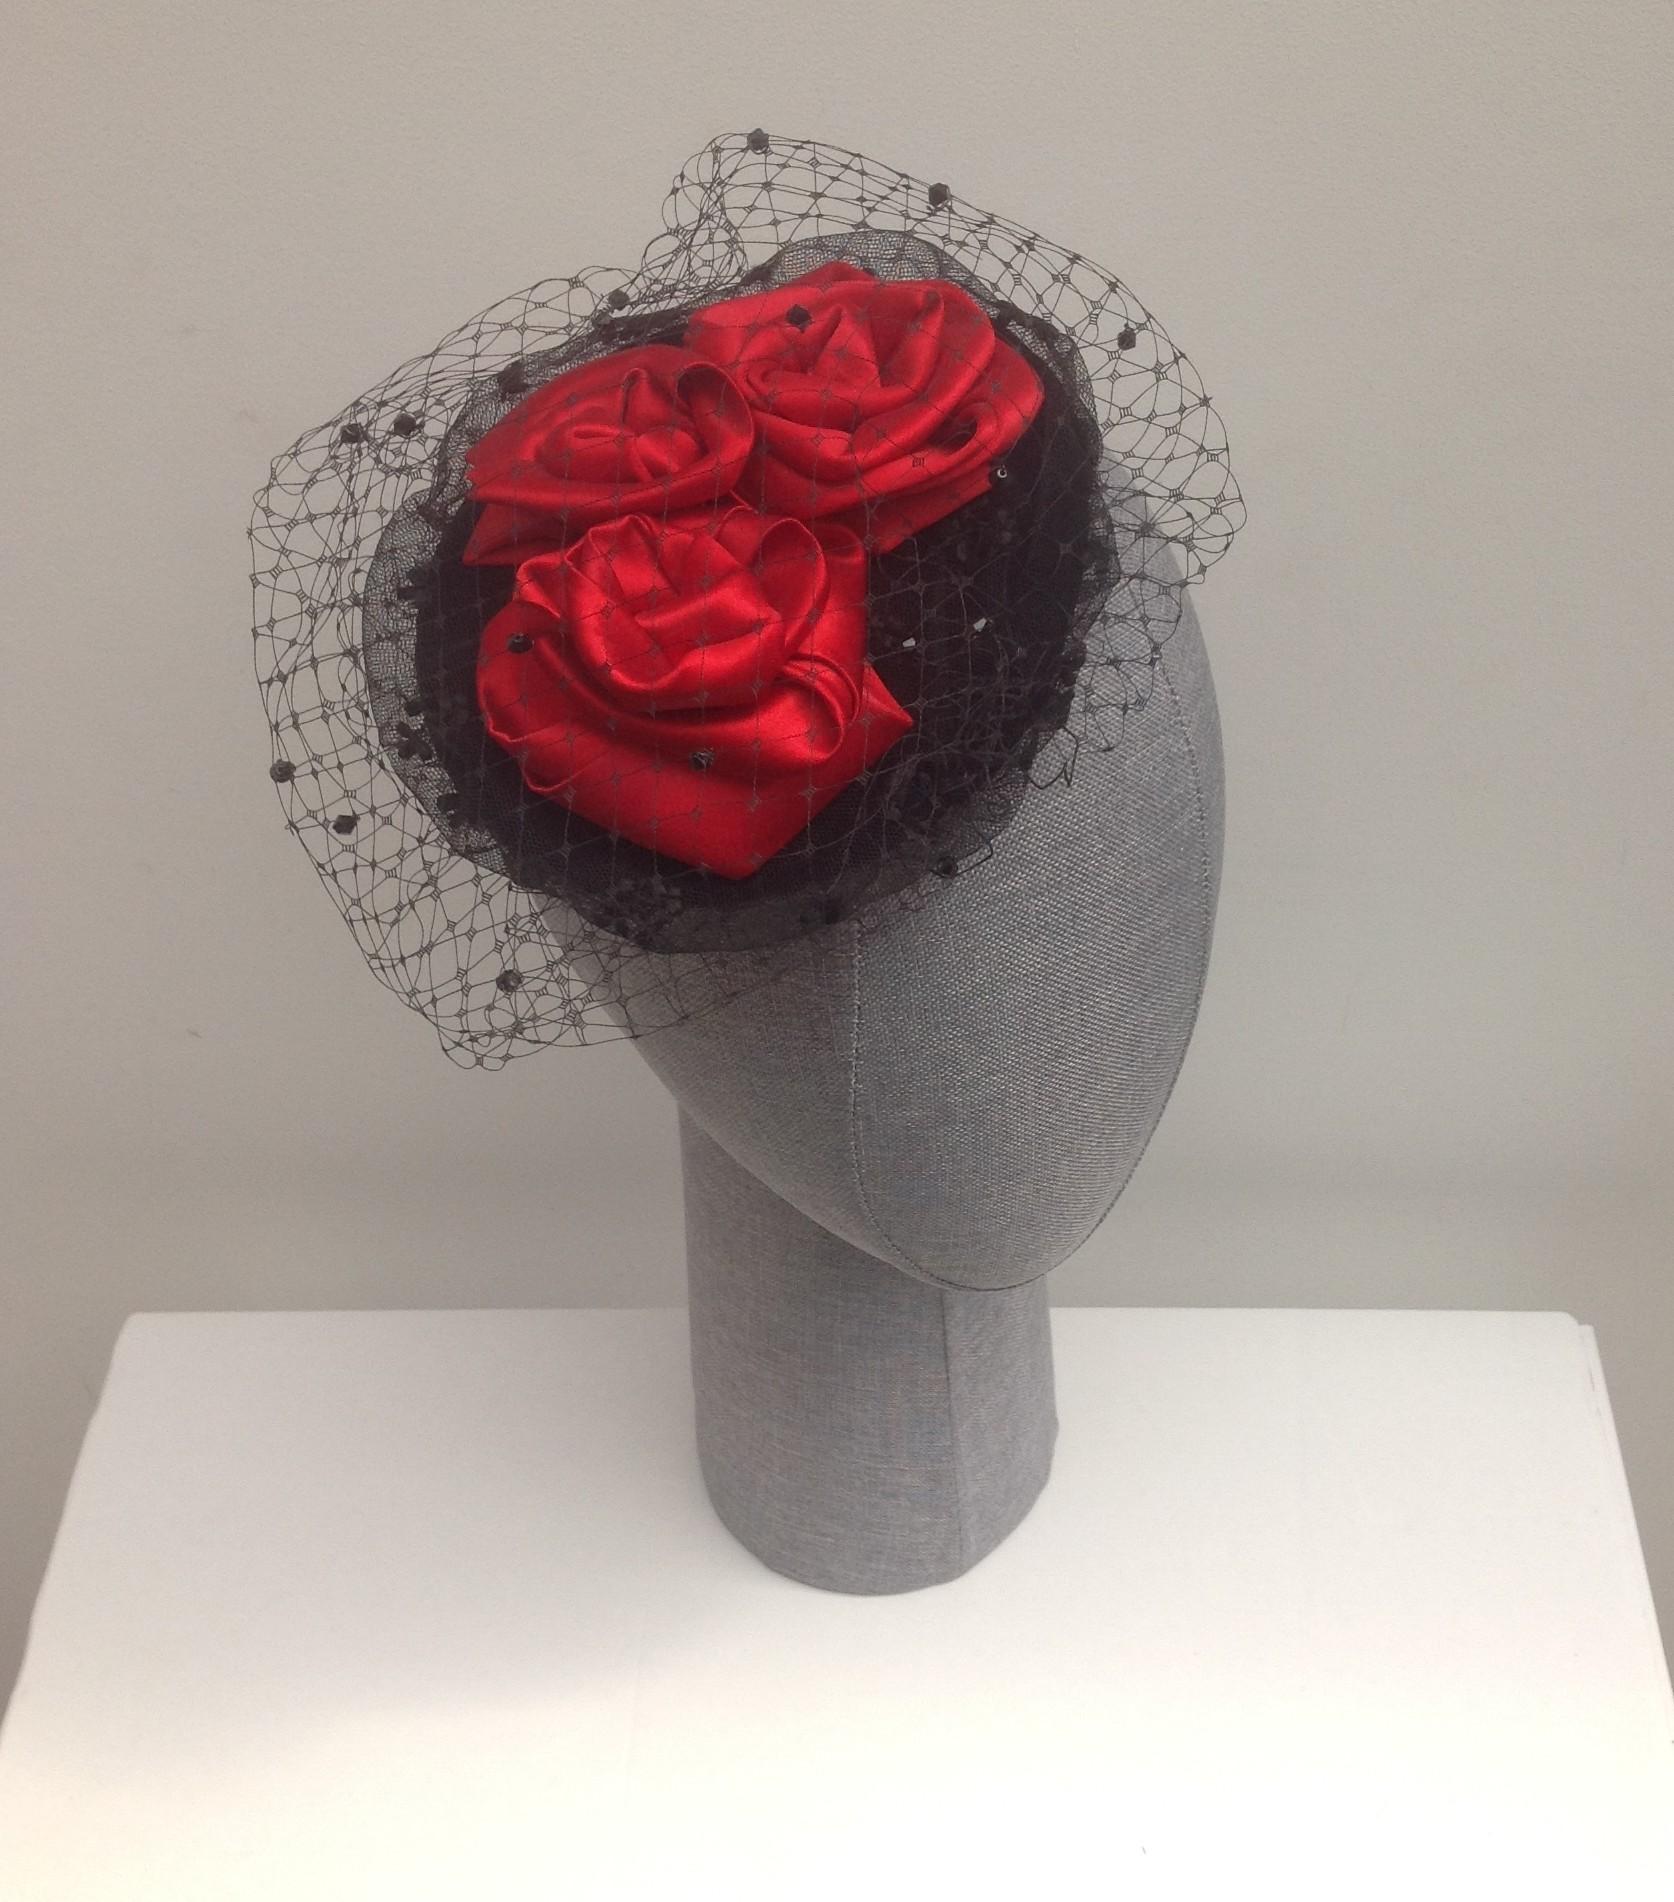 Red rose and velvet hatette